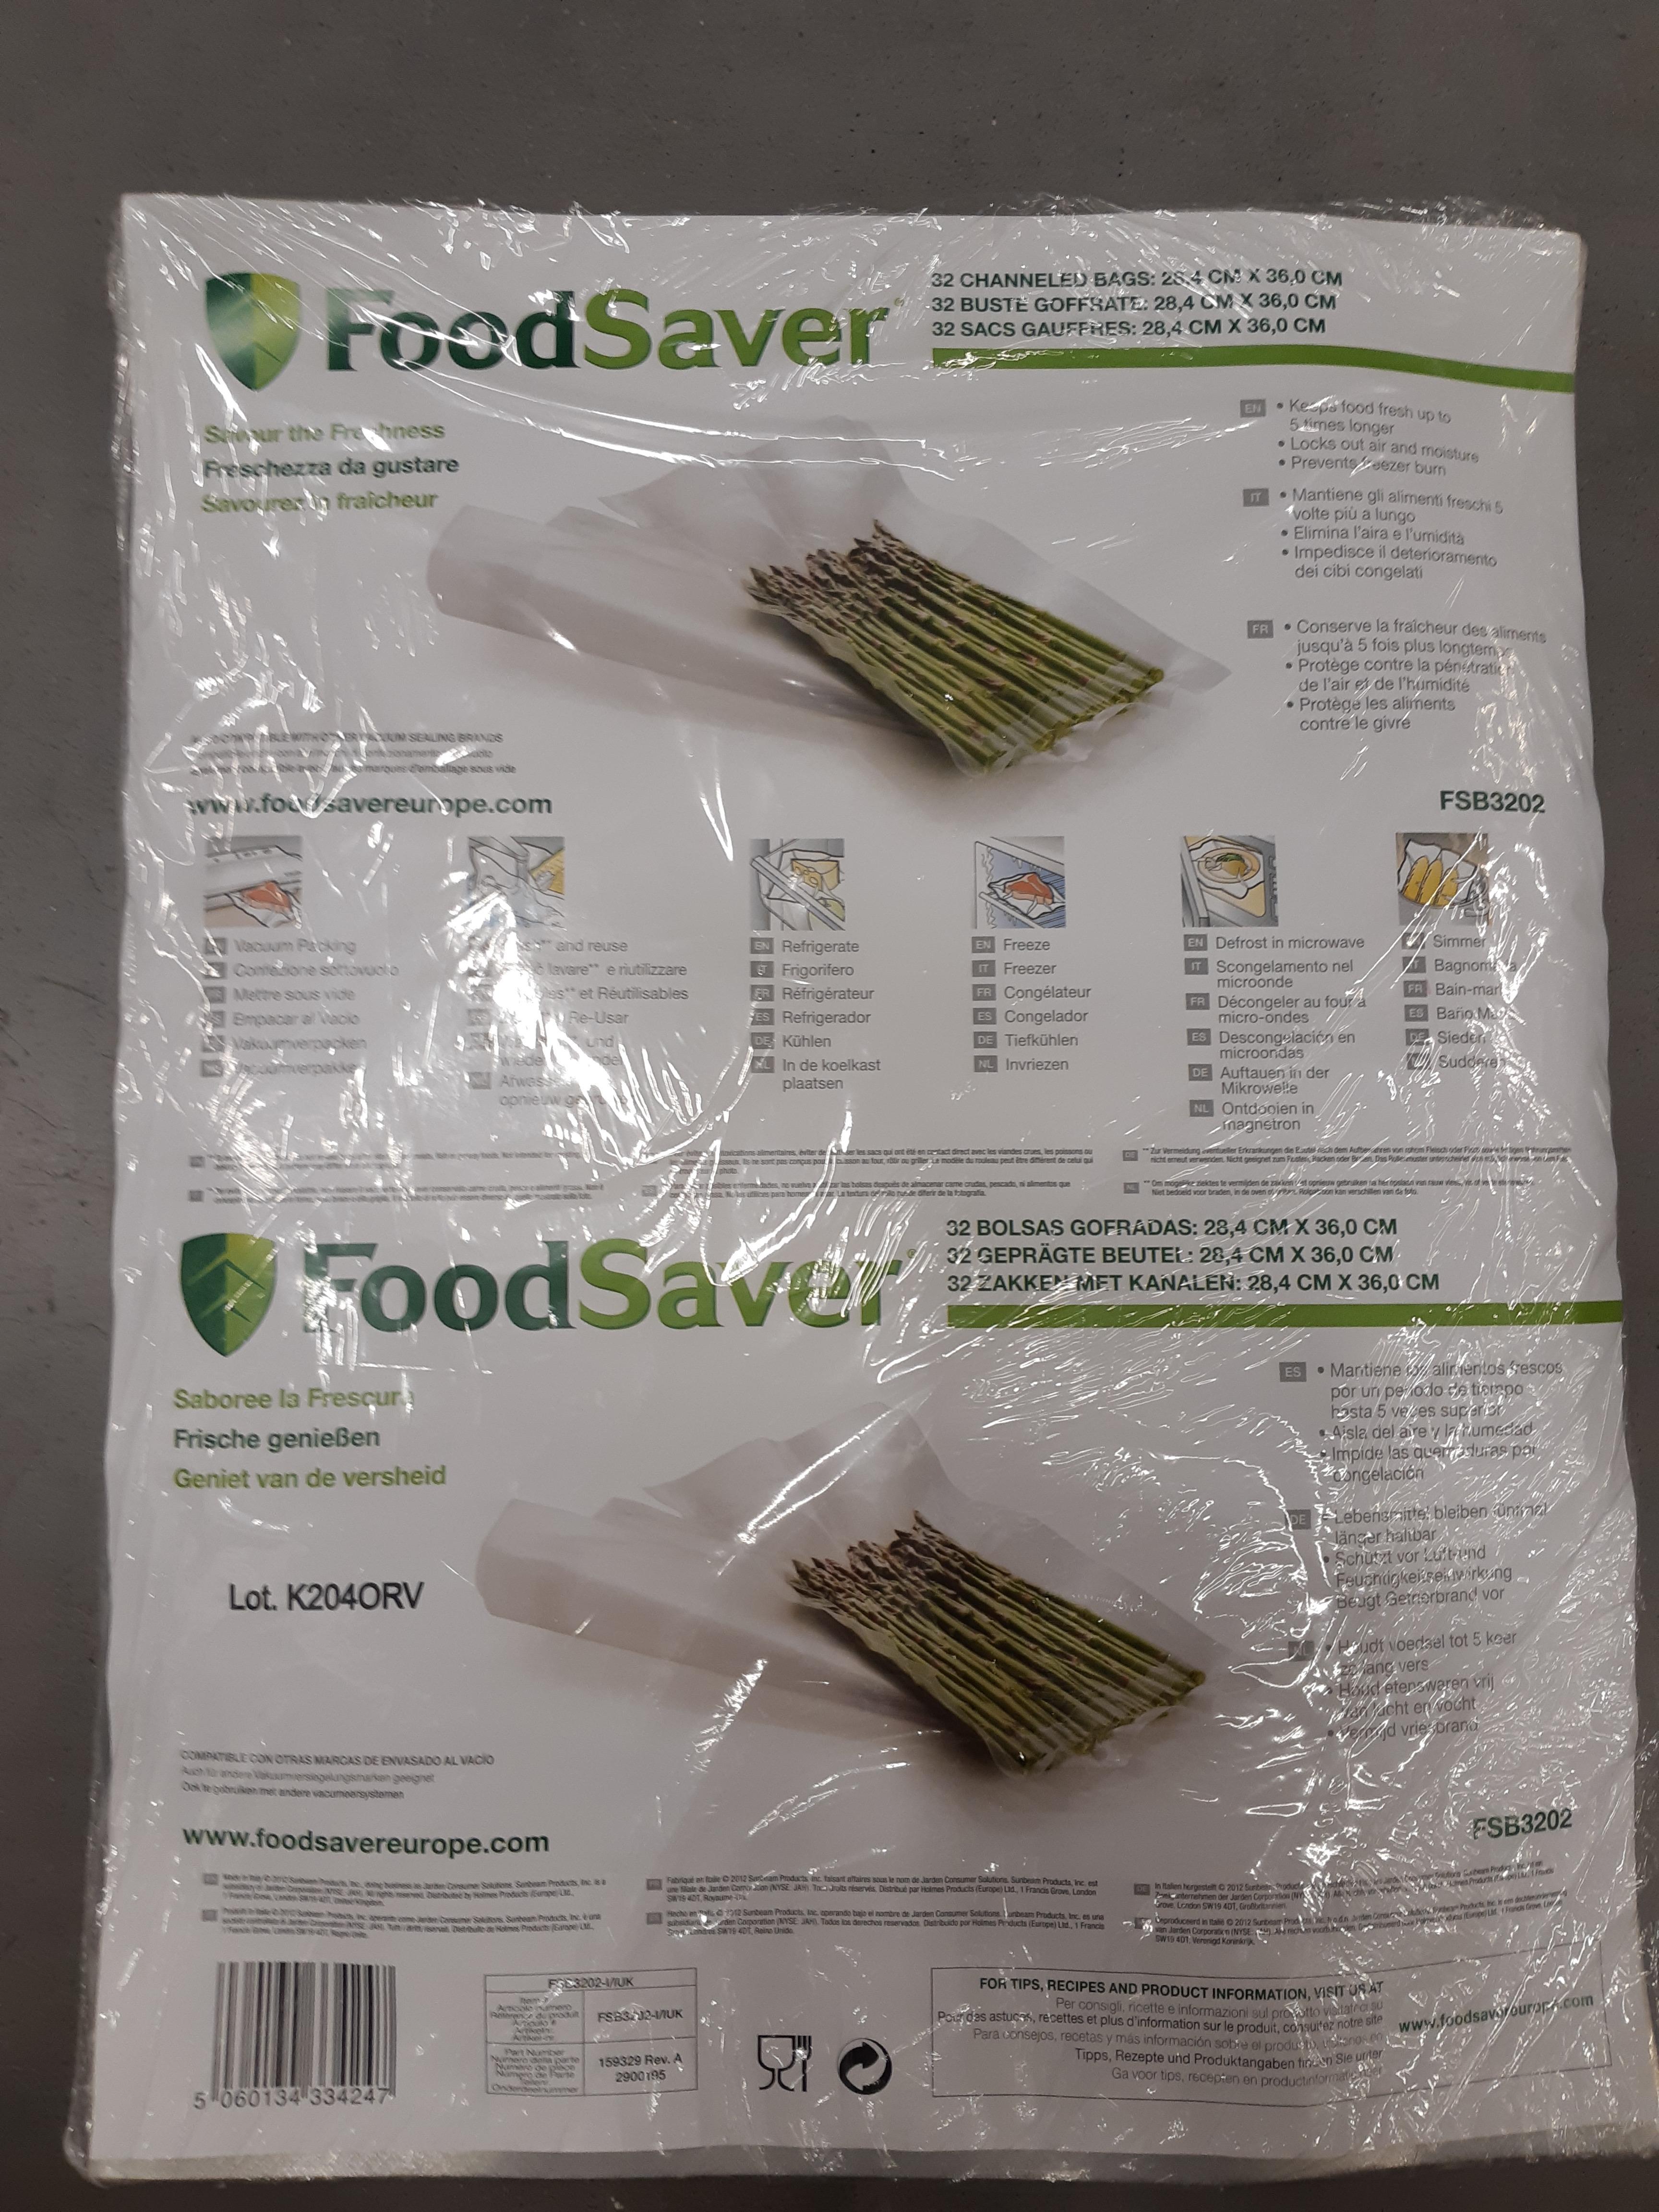 J'ai testé pour vous ma démonstration Foodsaver avec les feuilles